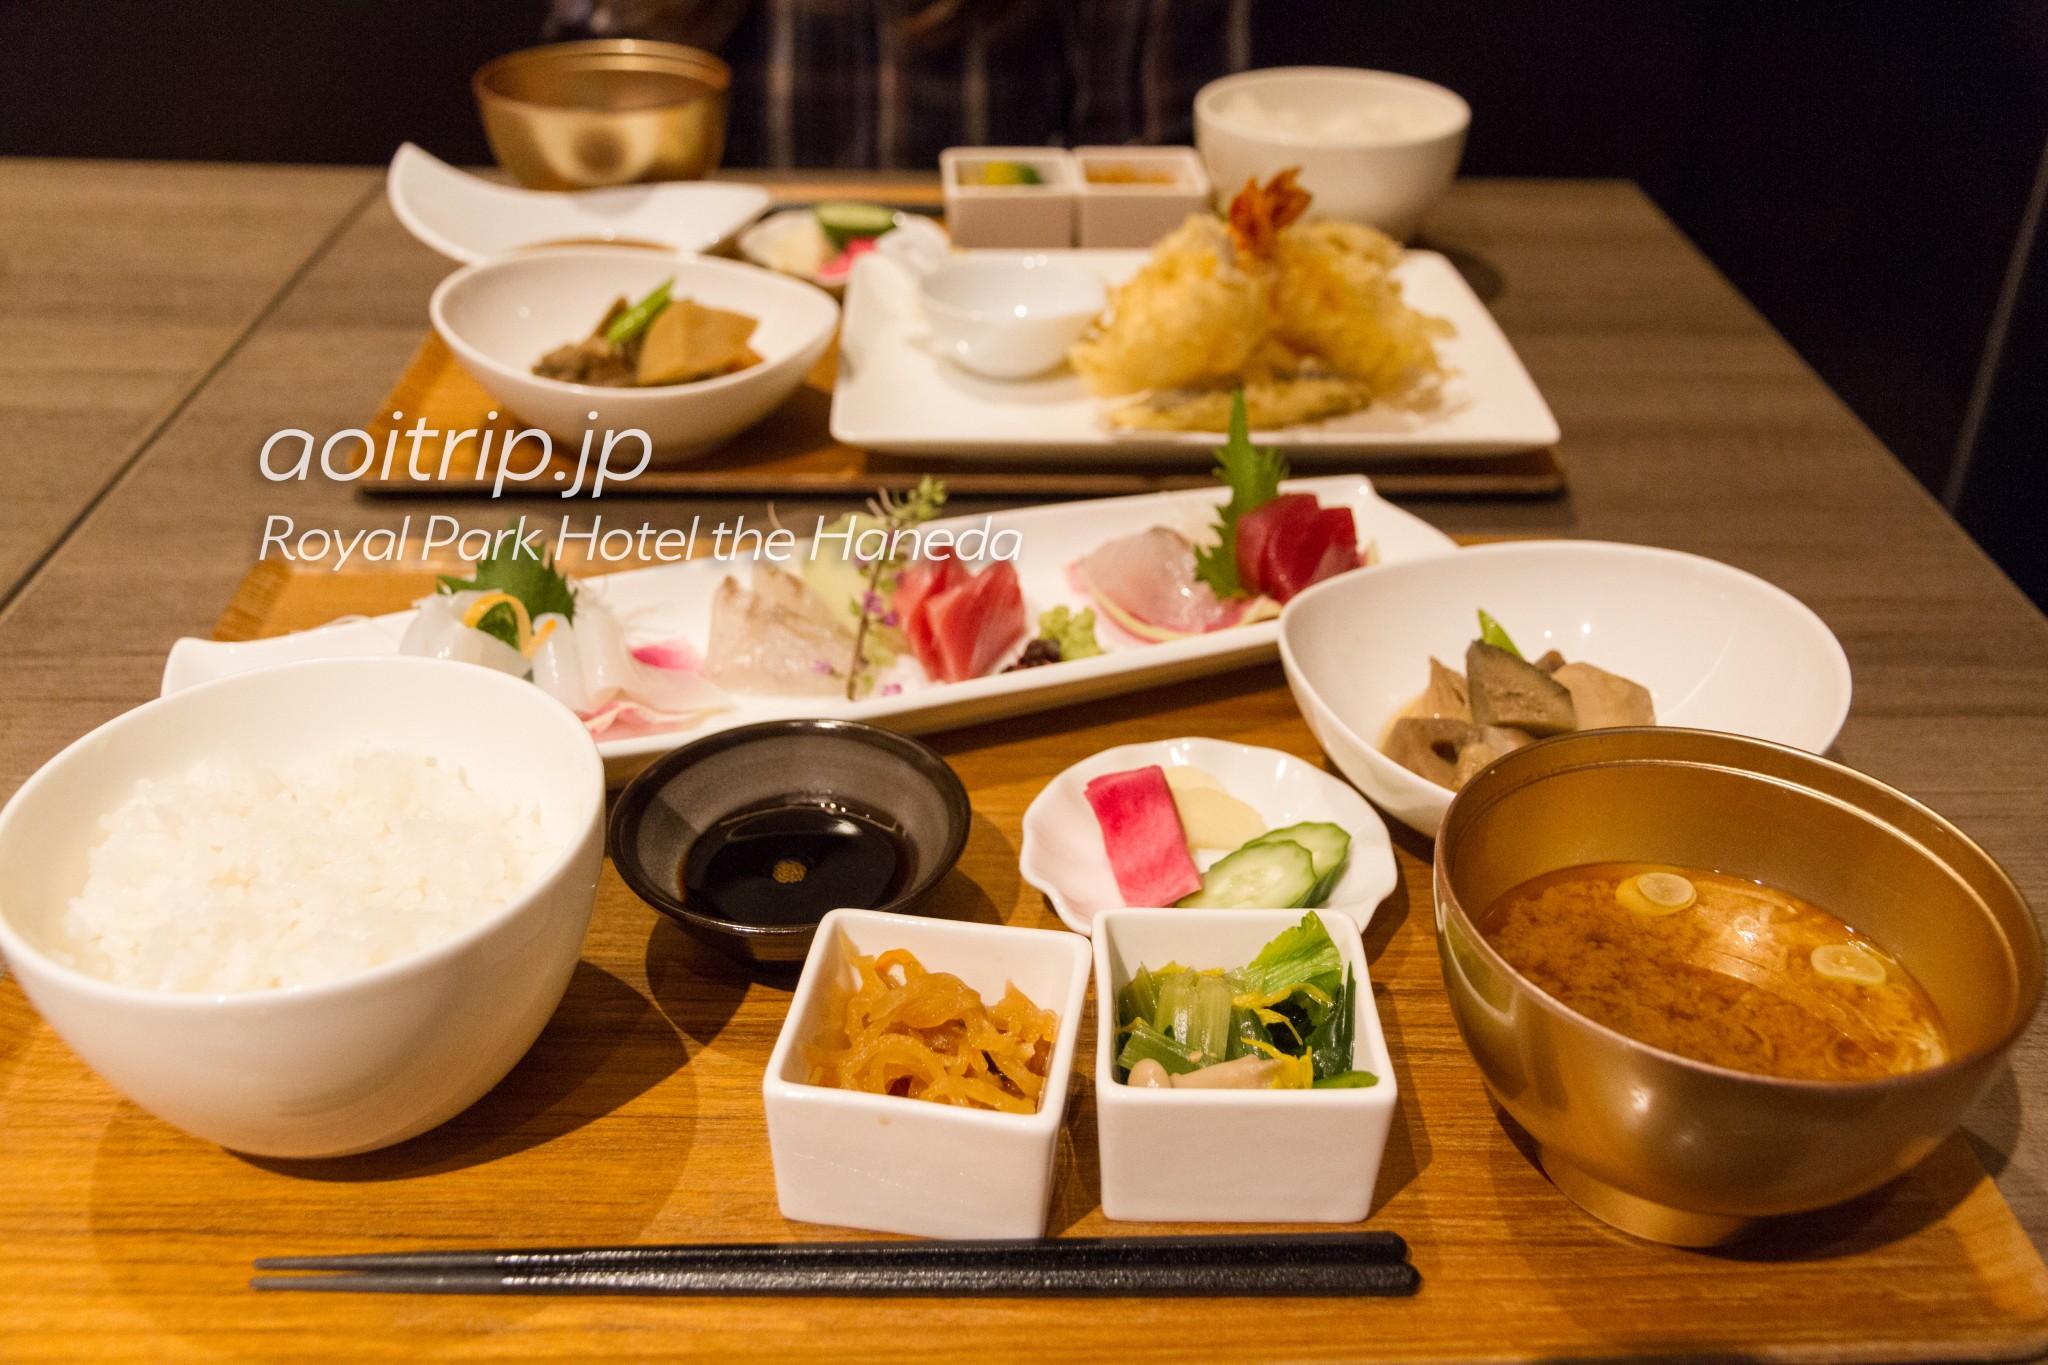 ザ ロイヤルパークホテル東京羽田 レストラン テイルウインド